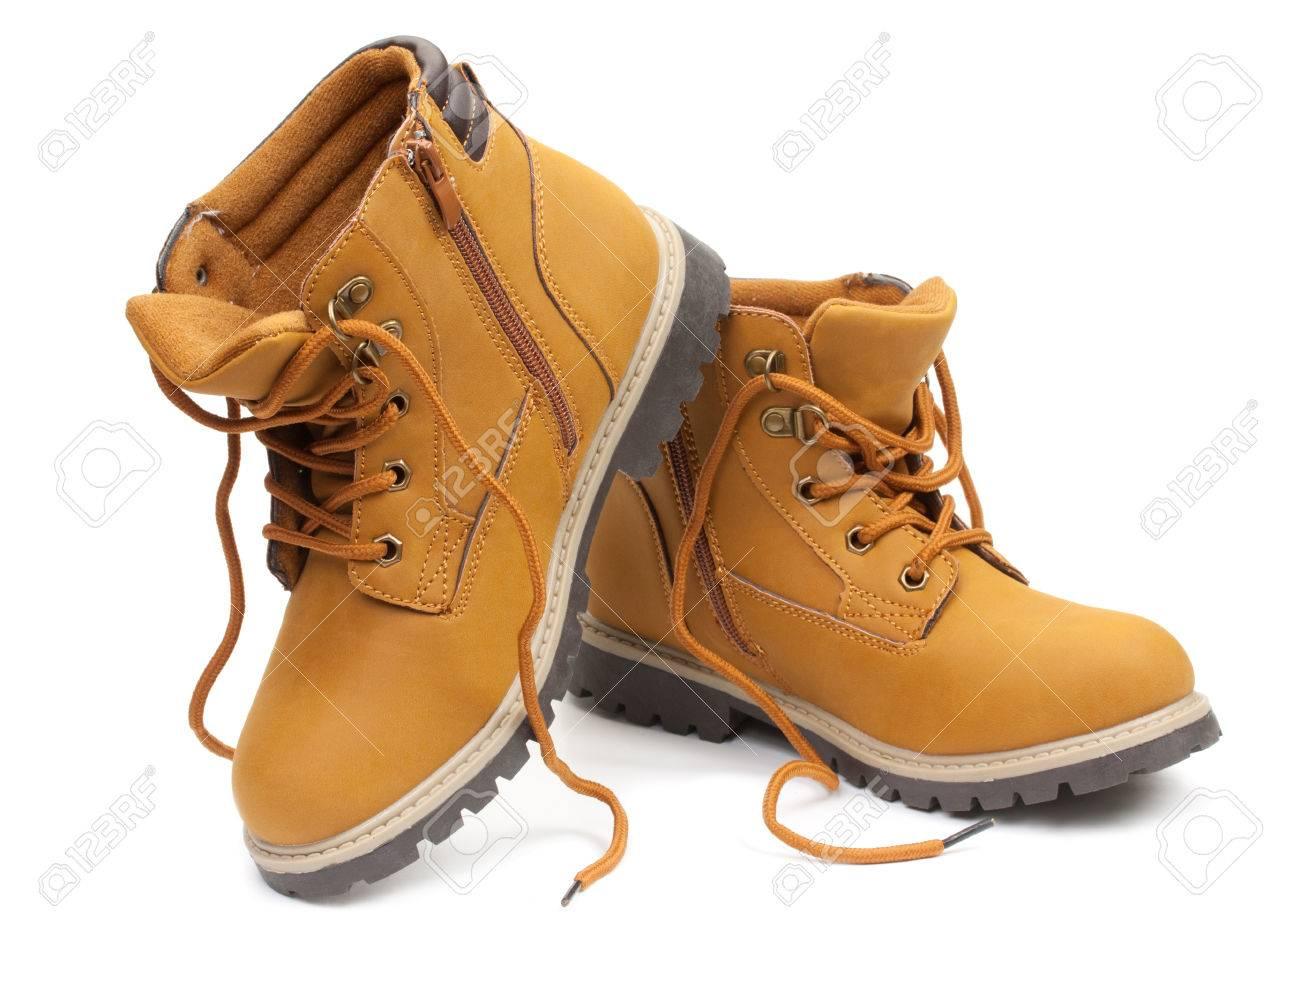 Kinderschoenen.Gele Lederen Stijlvolle Kinderschoenen Unlaced Laarzen Geisoleerd